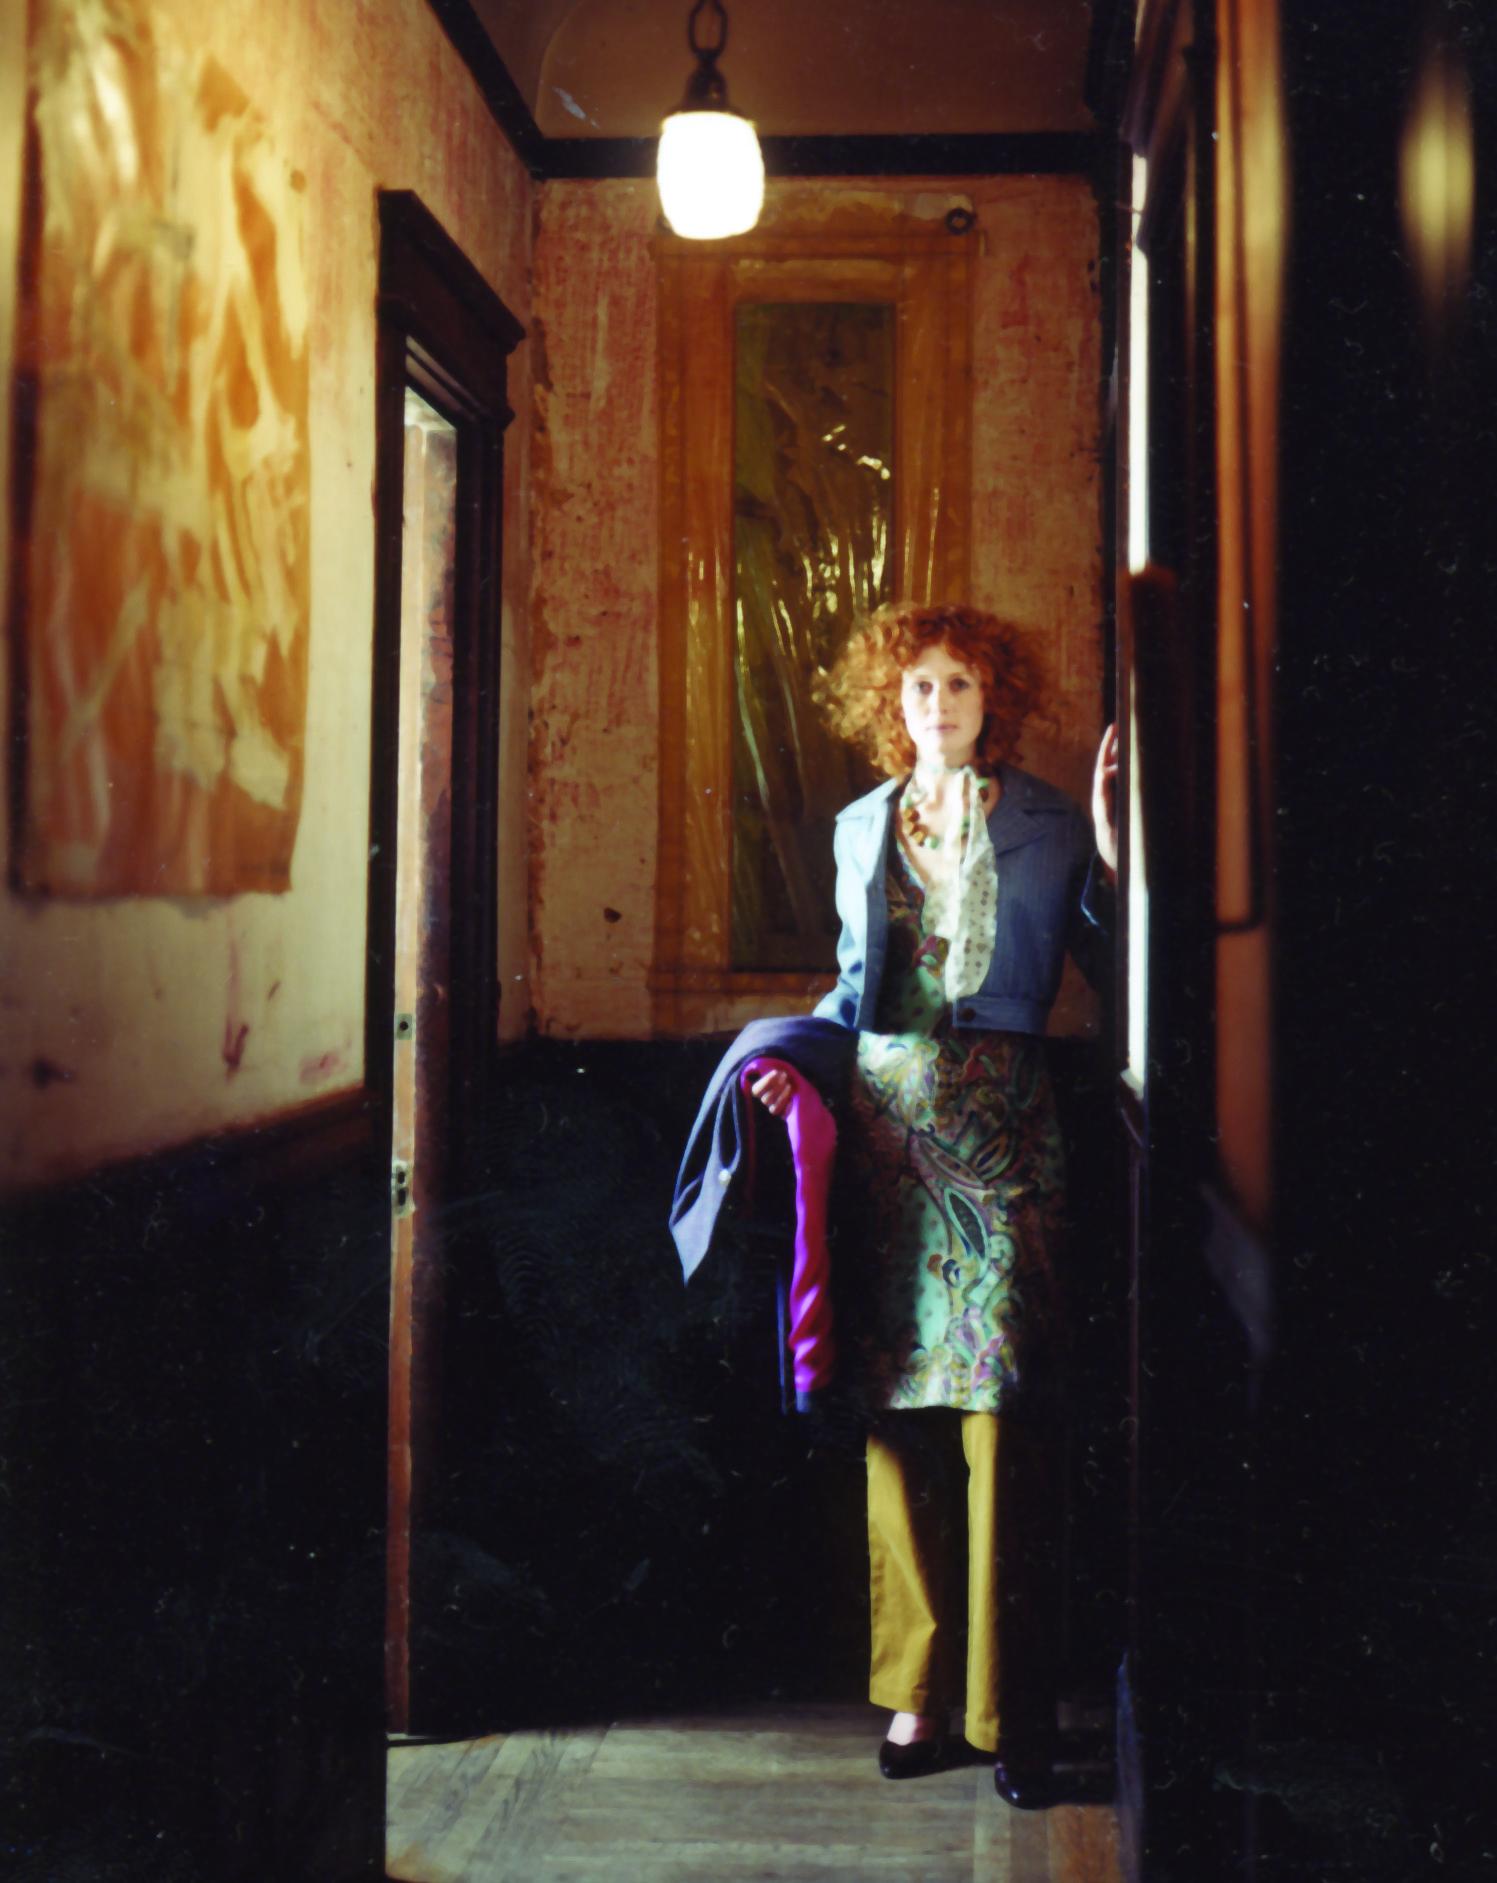 A/W 2005. Photo by Debra McClinton